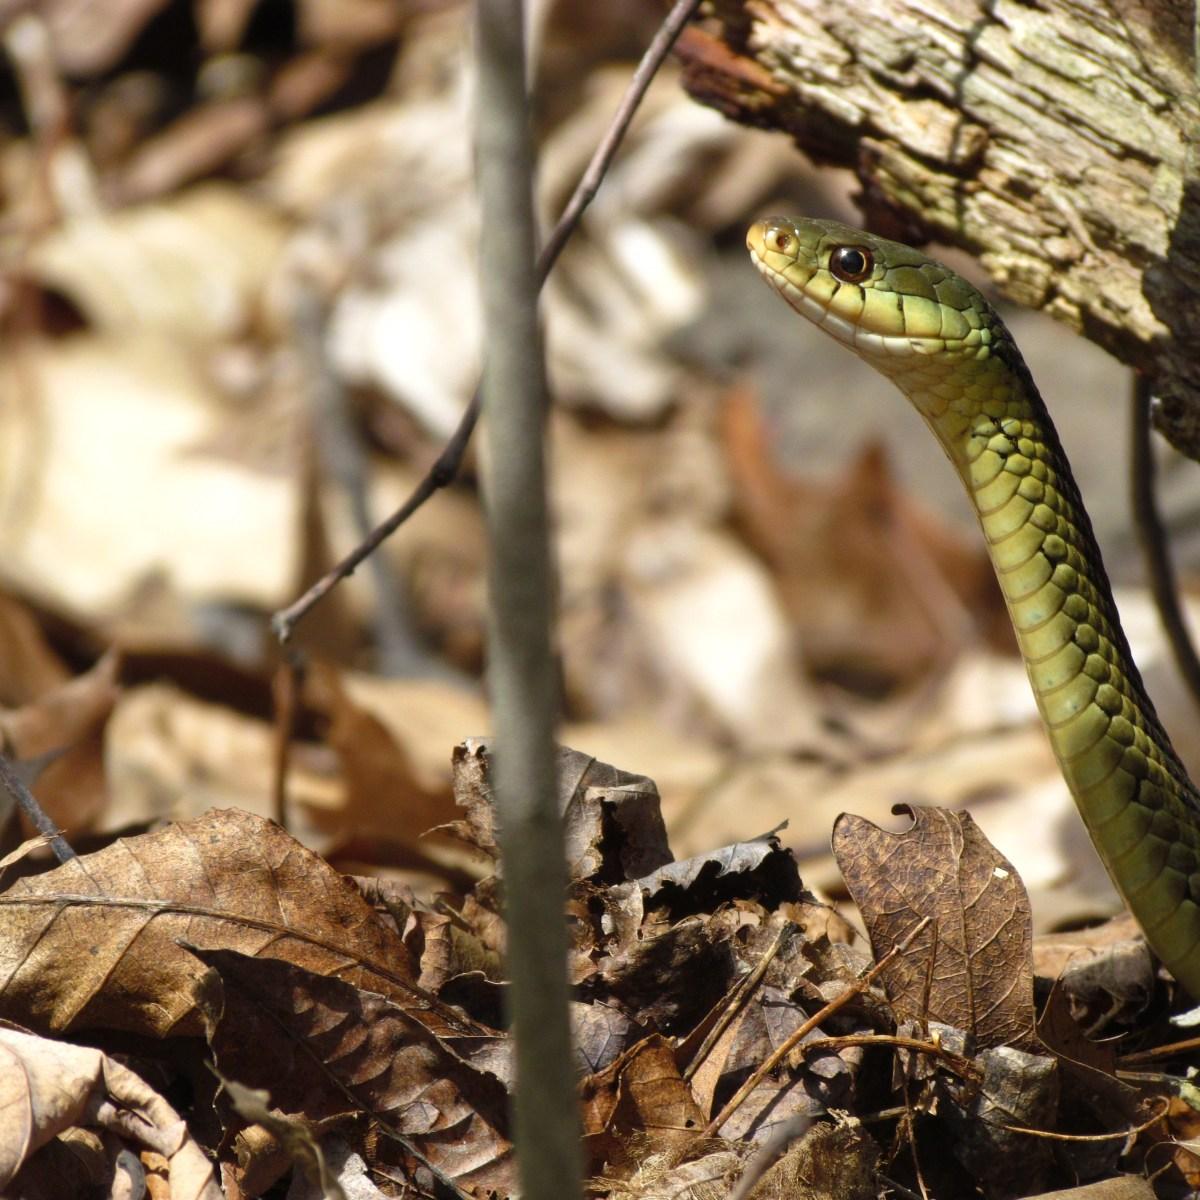 A garter snake rises up over dry leaves